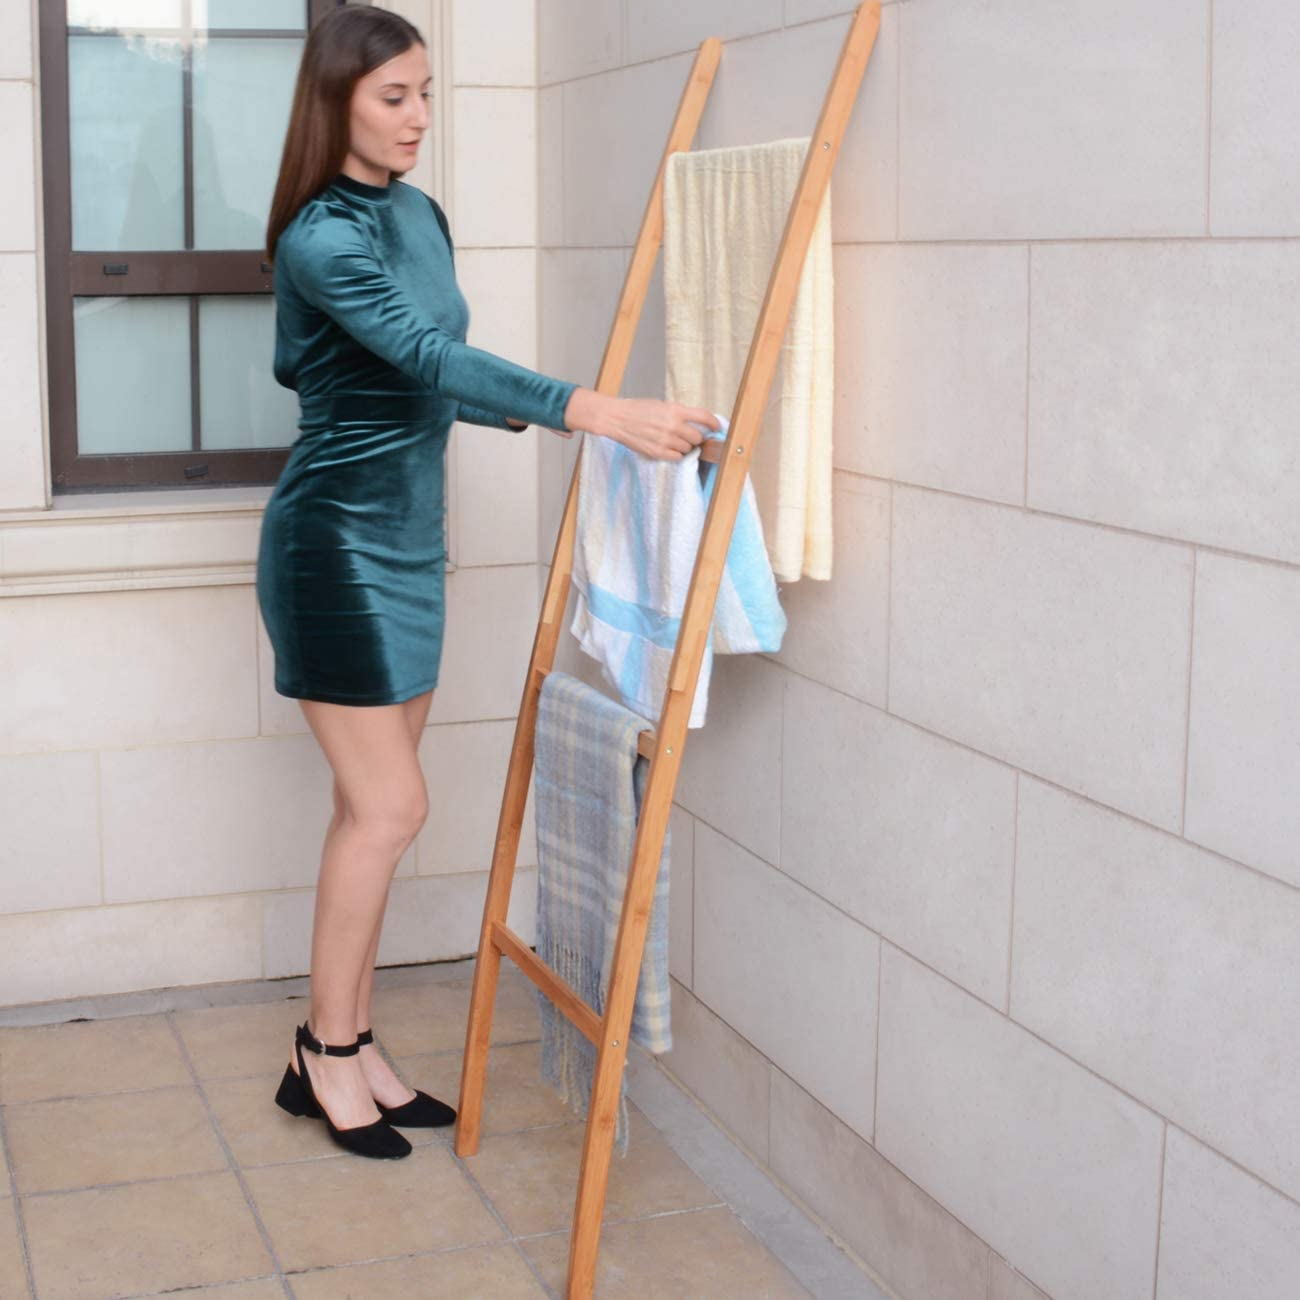 ZRI Bamboo Handtuchleiter Handtuchst/änder Leiter Handtuchhalter Regal mit 4 Stangen super eleganter Kleiderst/änder f/ür Badezimmer Wohnzimmer Schwarz Bambus//Natur Braun